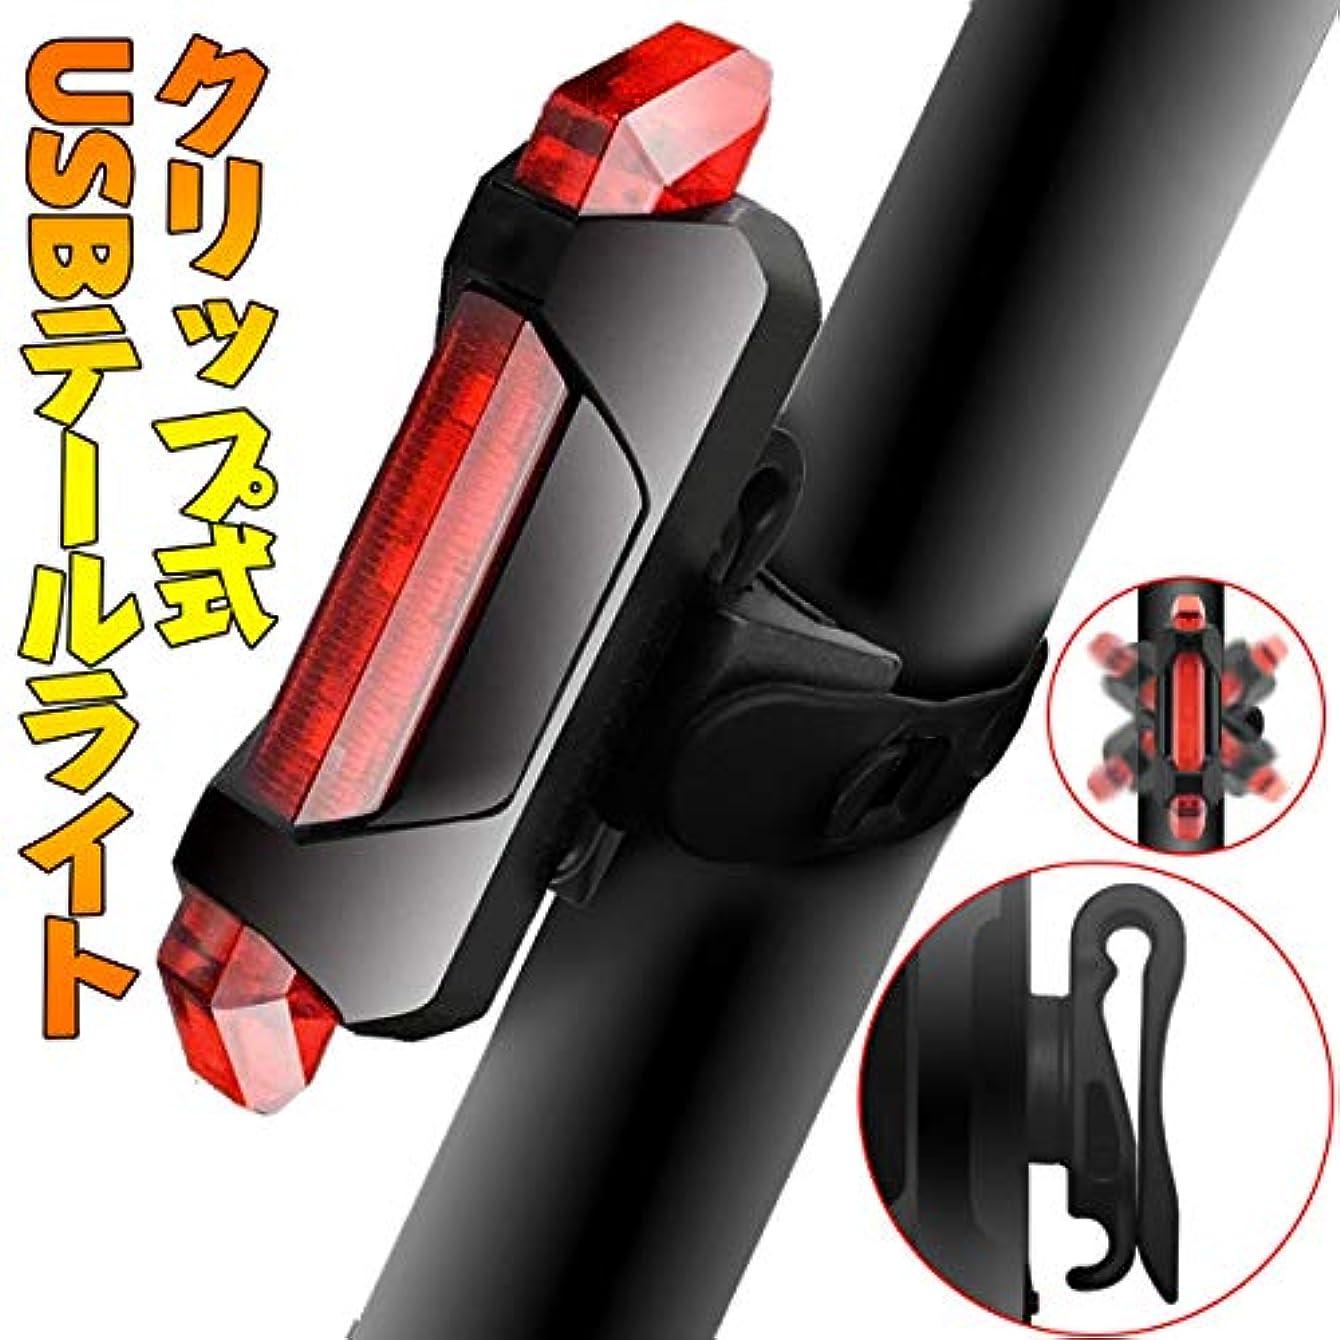 ステンレスストレス服ziyue テールライト アップグレード版093-2 セーフティライト USB充電式 サドルバッグに取付可能 防水 高輝度 夜間走行 ジョギング